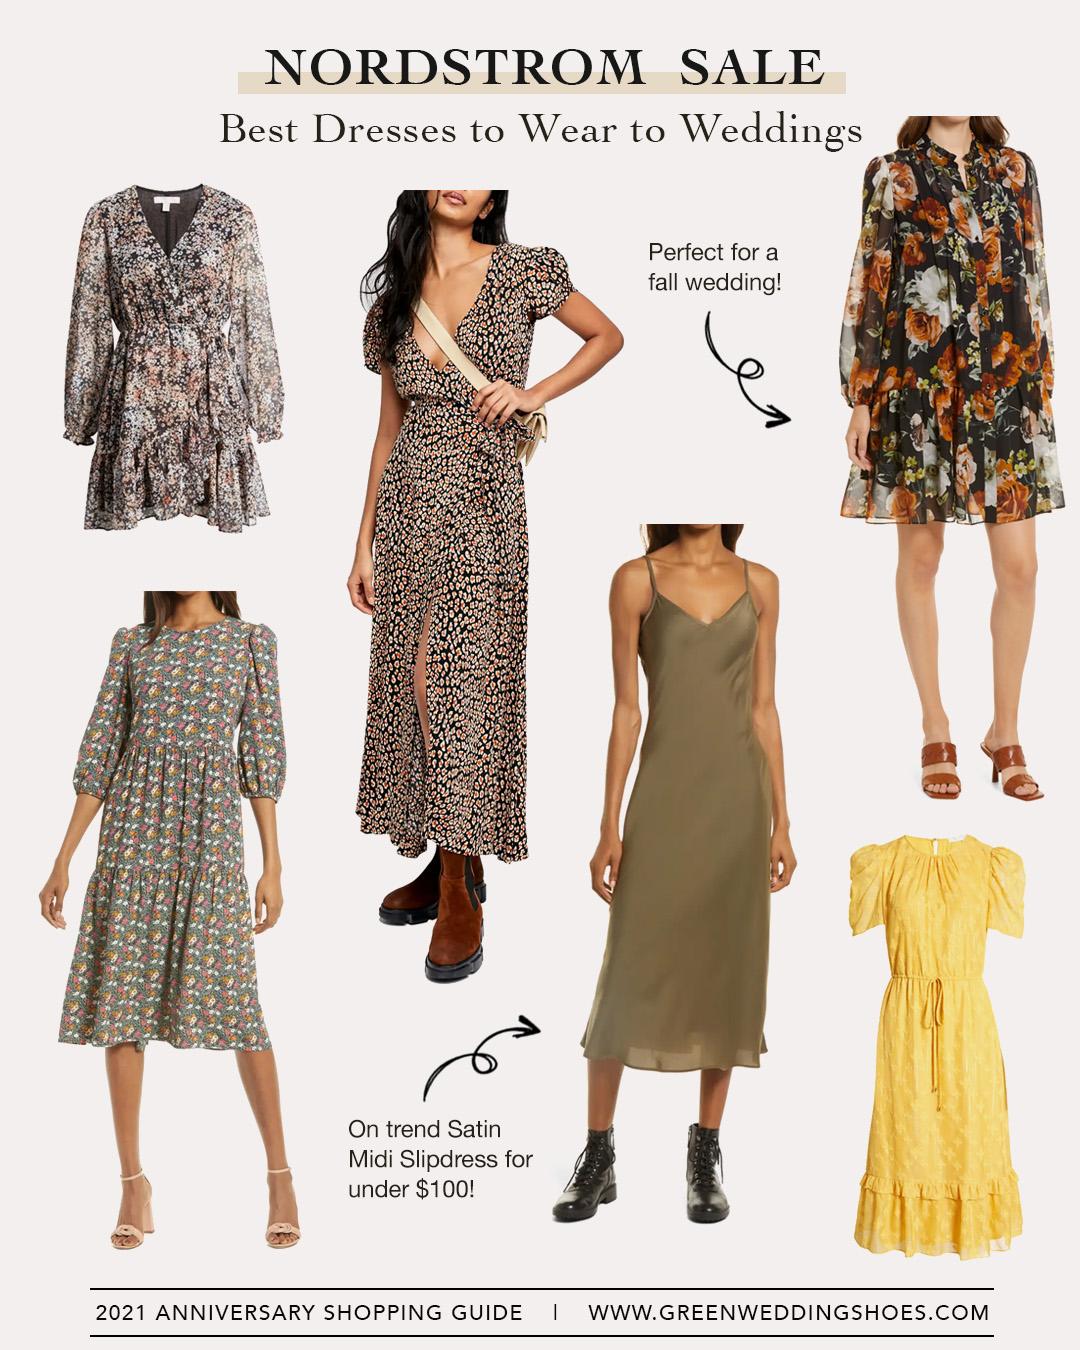 Nordstrom Sale Dresses 2021